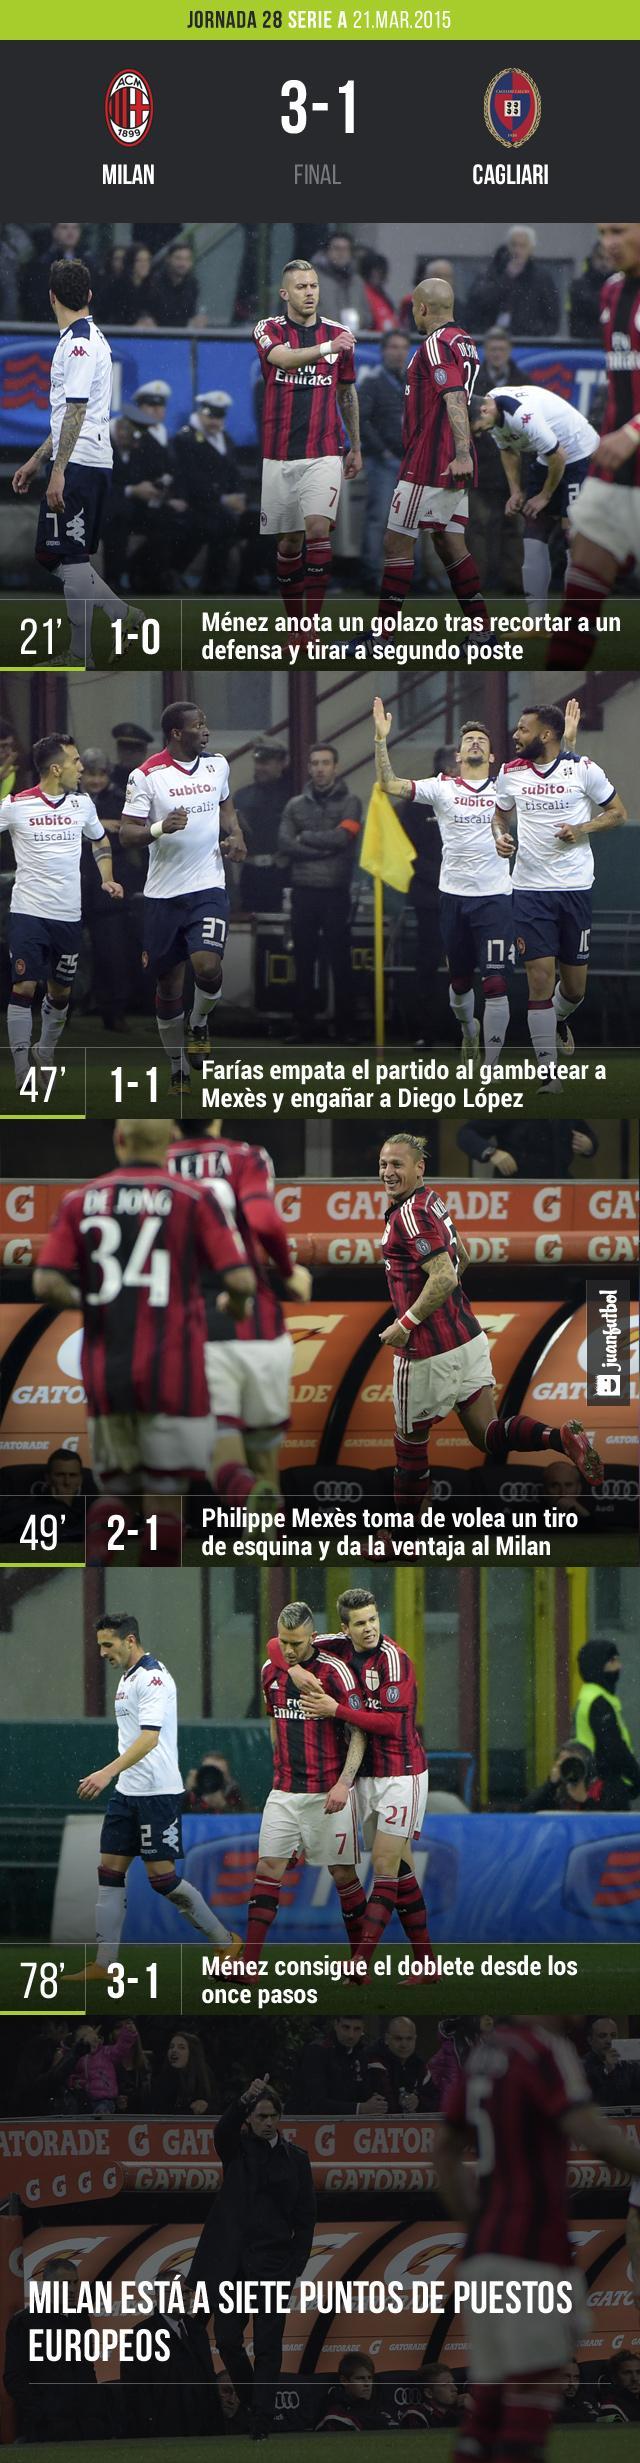 El Milan vence a Cagliari por 3 a 1 en casa con doblete de Ménez y un gol de Méxes.